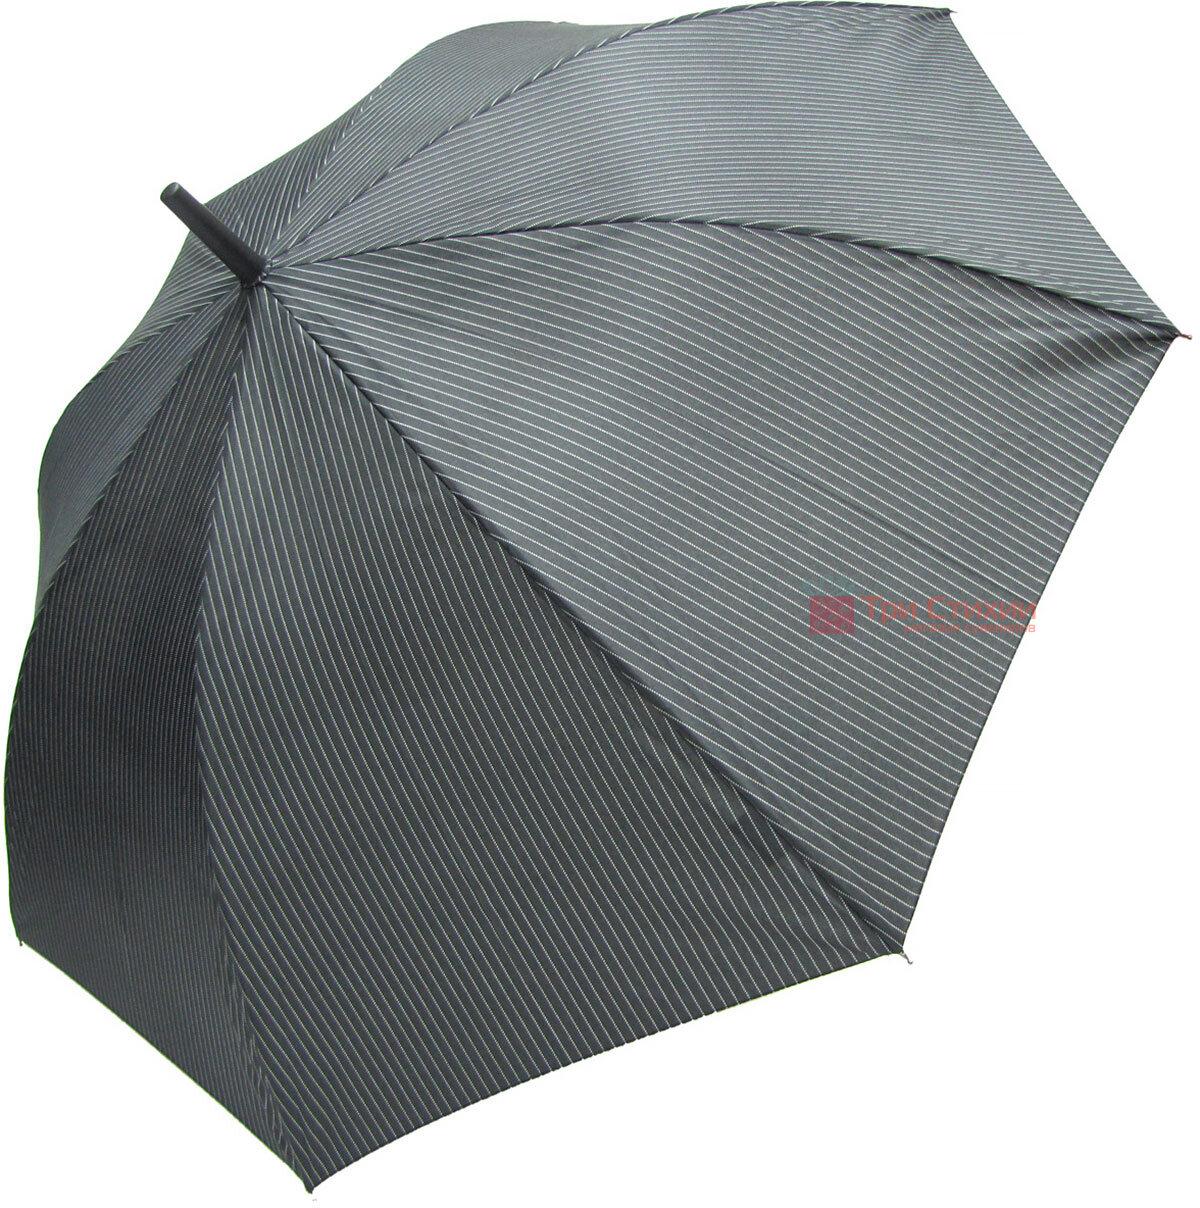 Зонт-трость Derby 77167P-4 полуавтомат Полоска, фото